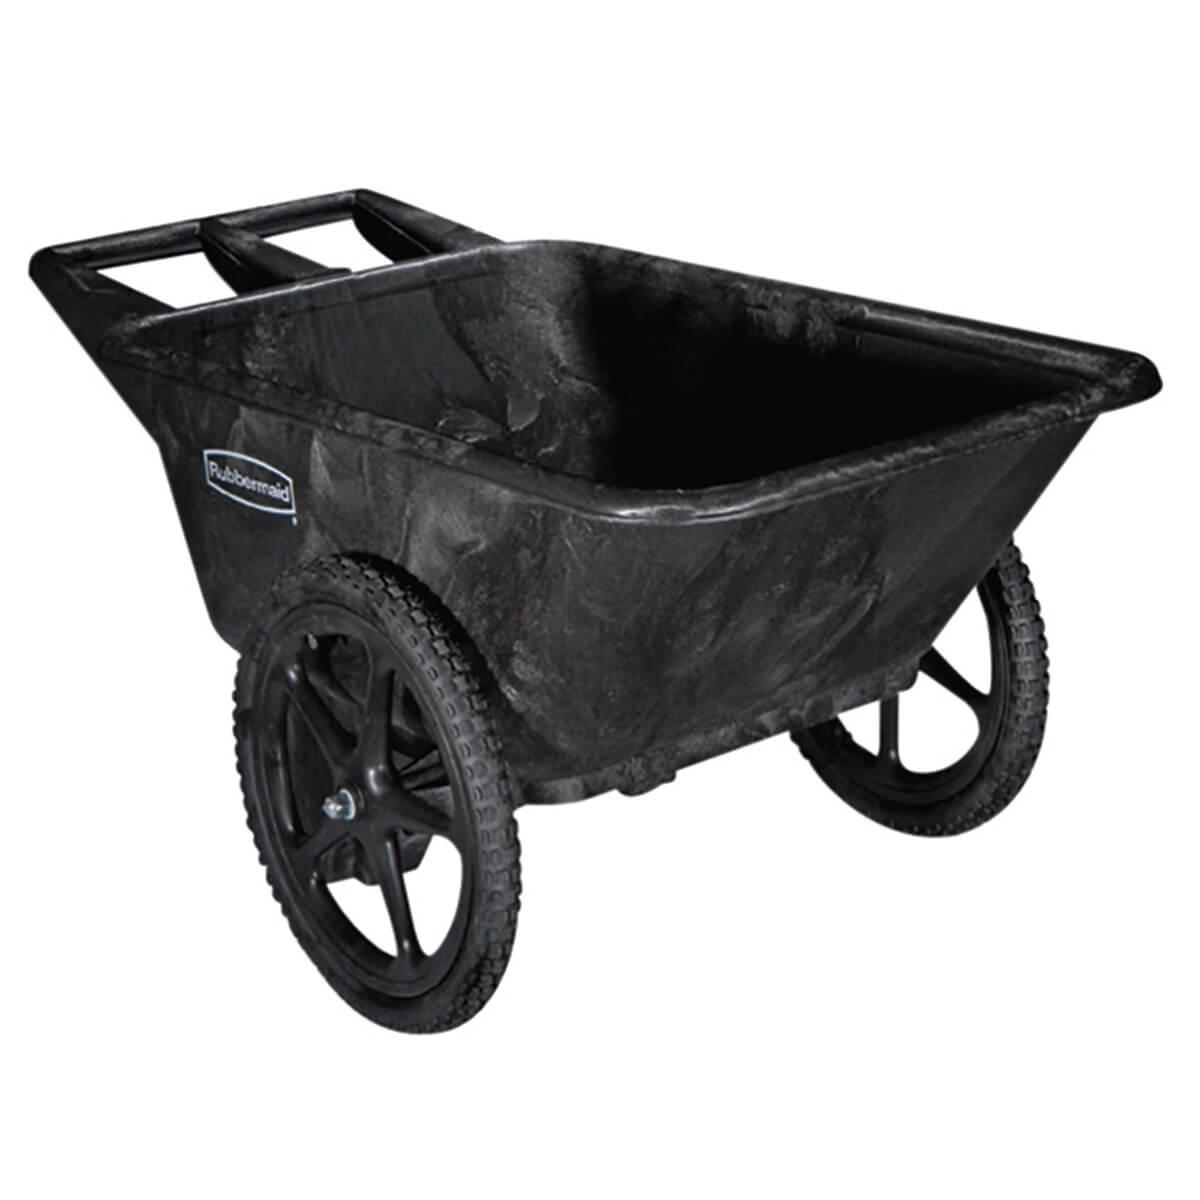 7.5 Cu.Ft. Rubbermaid Farm Tough Cart